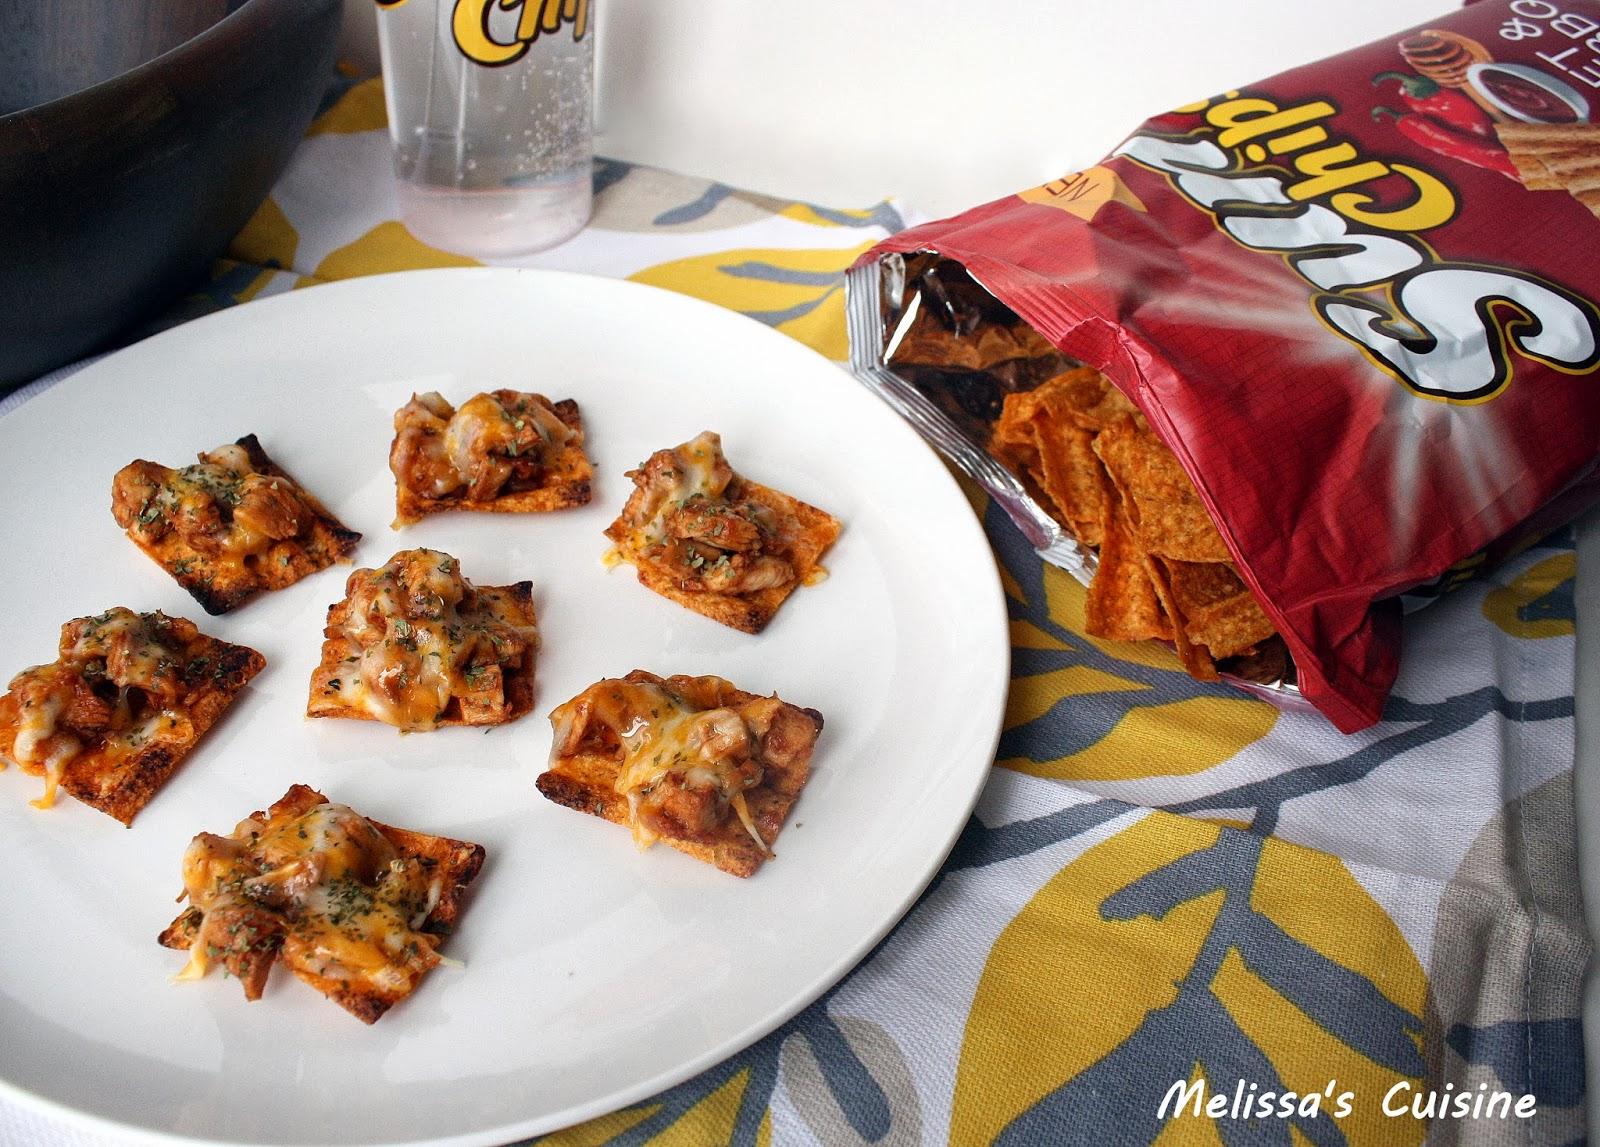 Melissa's Cuisine: BBQ Chicken Nachos